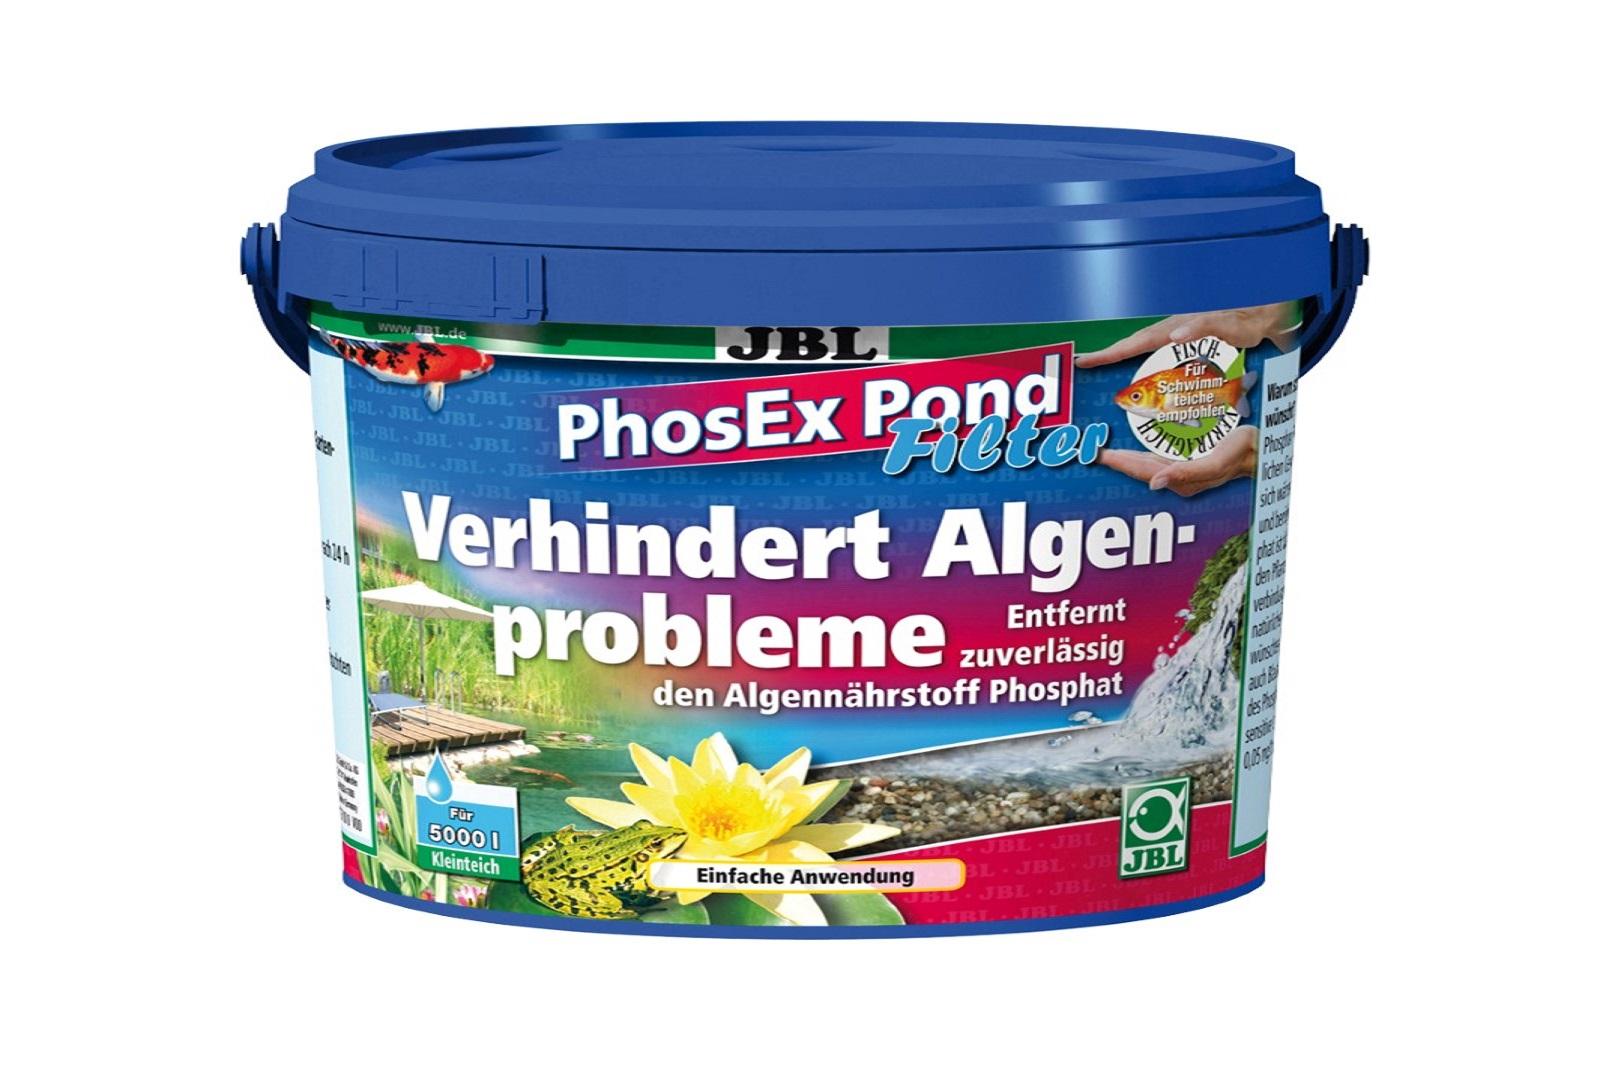 JBL PhosEX Pond  Filter 500 g  Phosphatentferner f.Teichfilter Algenbeseitigung